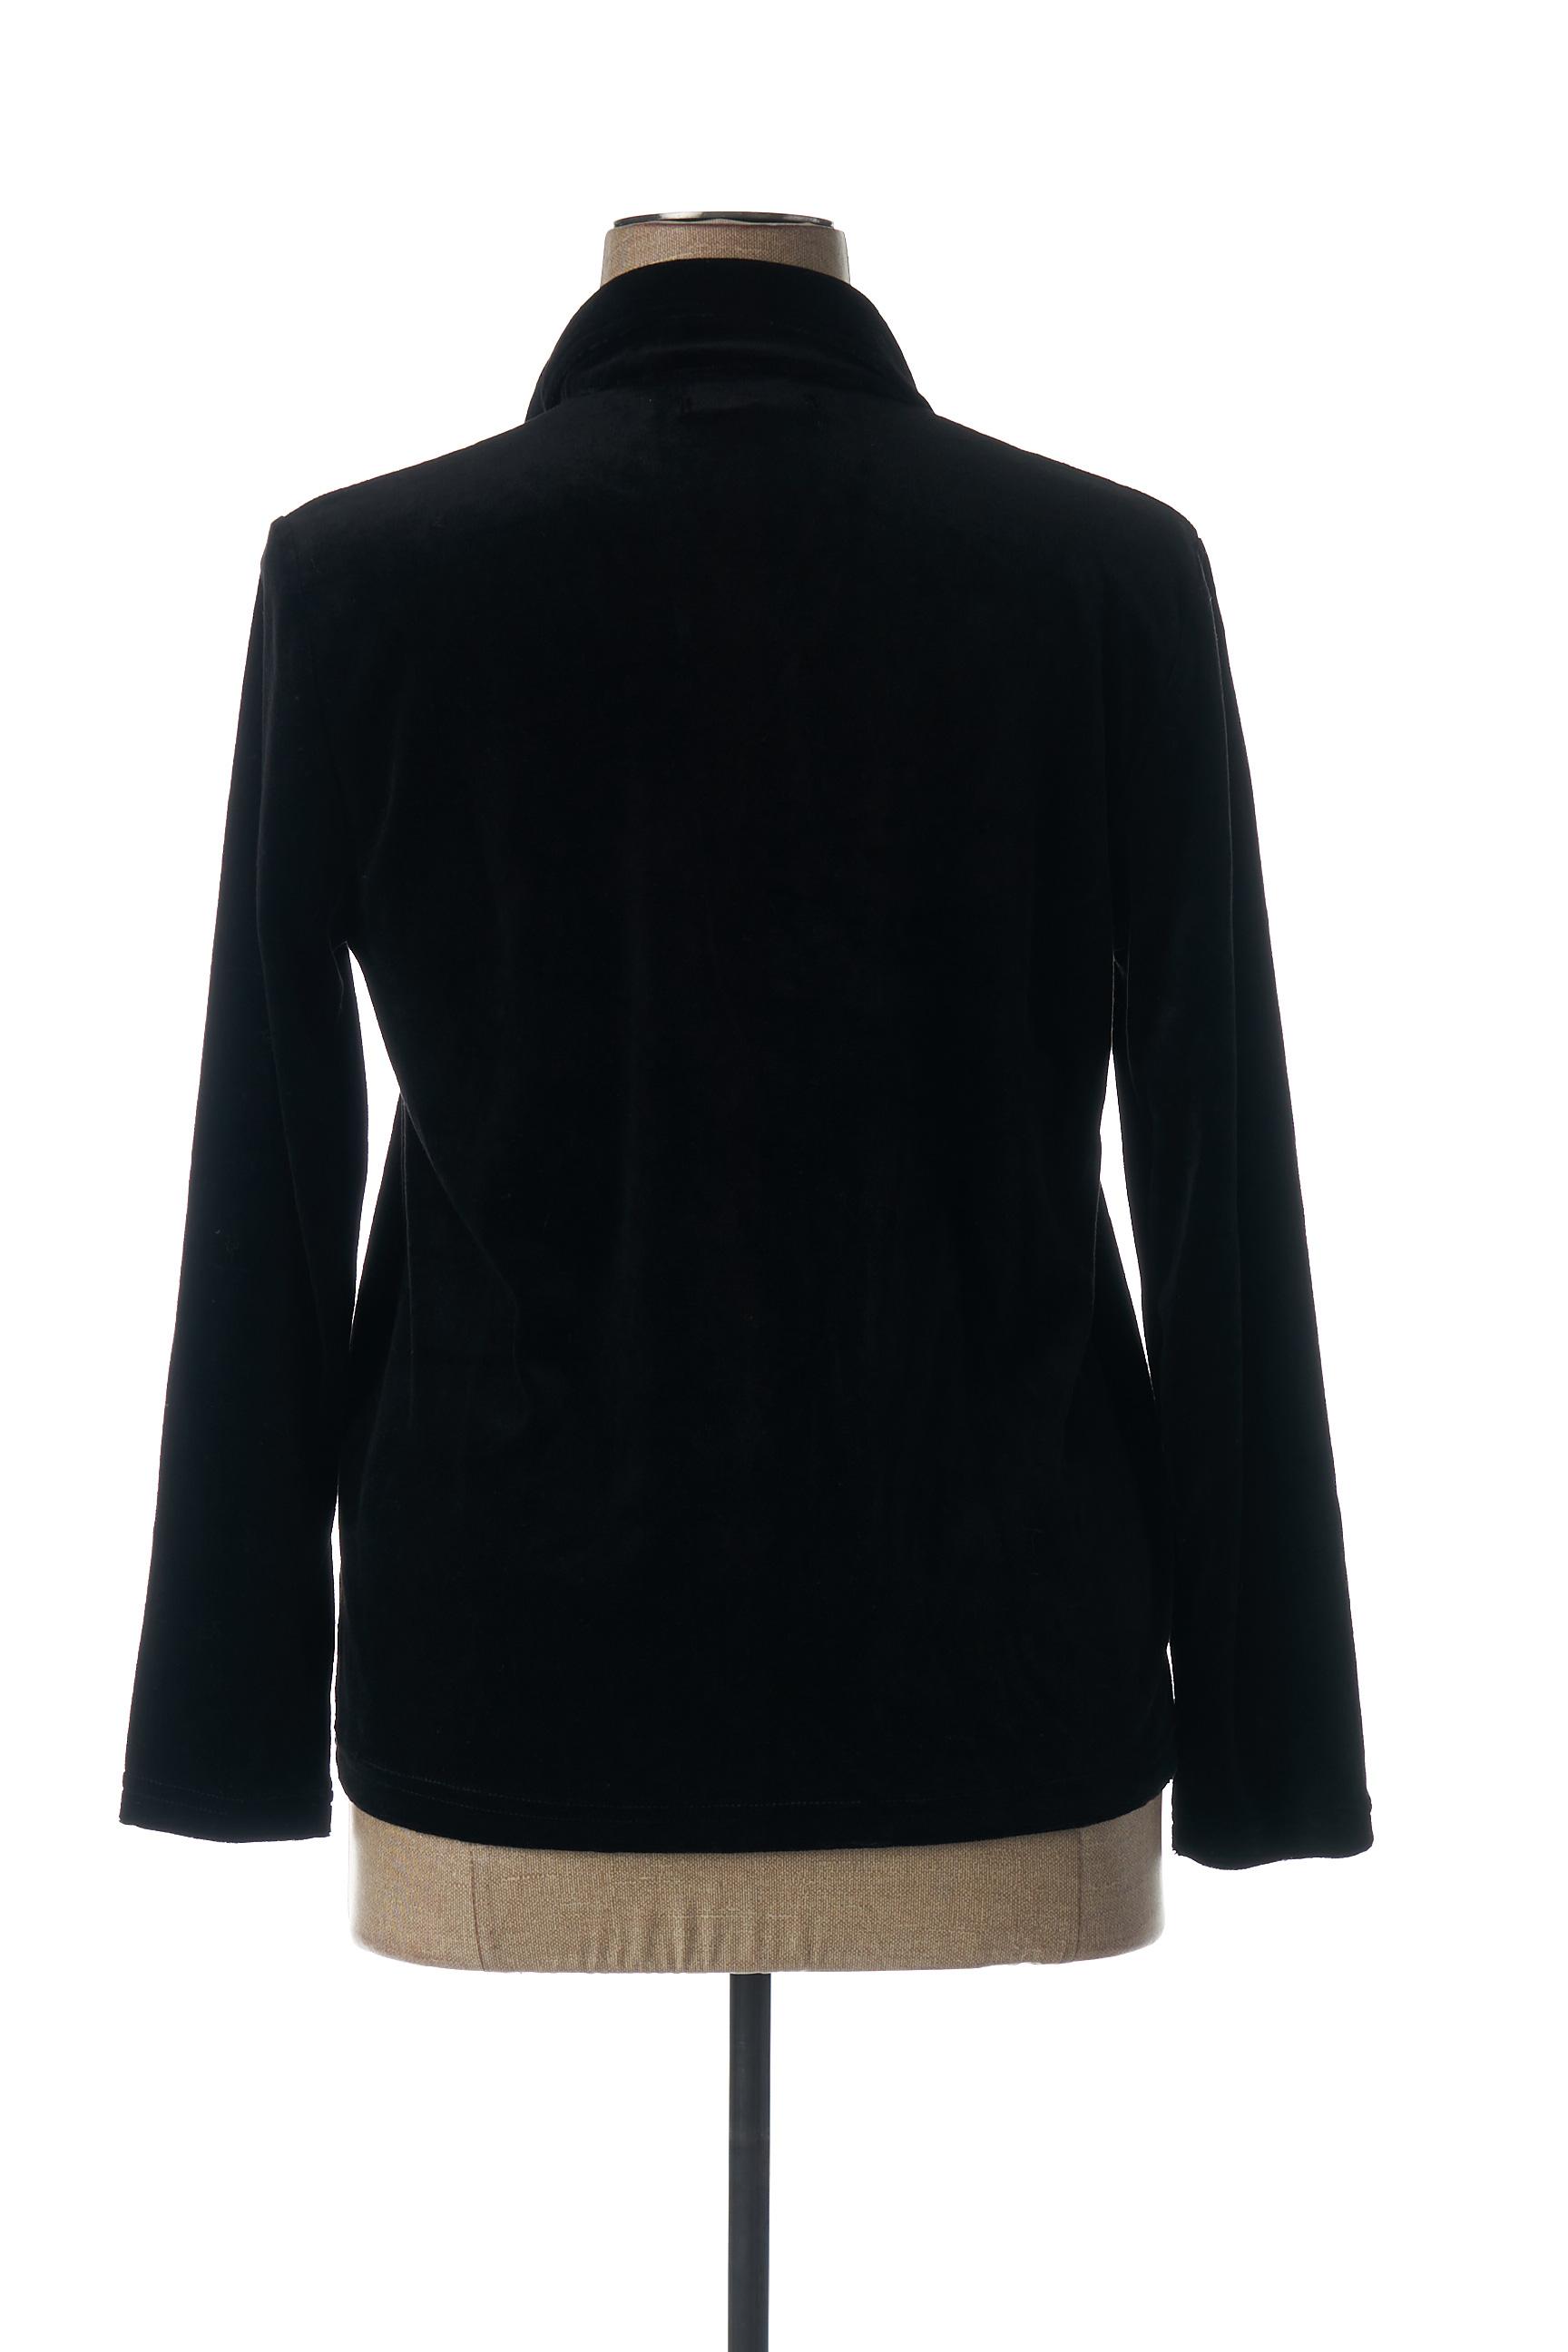 Acote Chemisiers Manches Longues Femme De Couleur Noir En Soldes Pas Cher 1440600-noir00